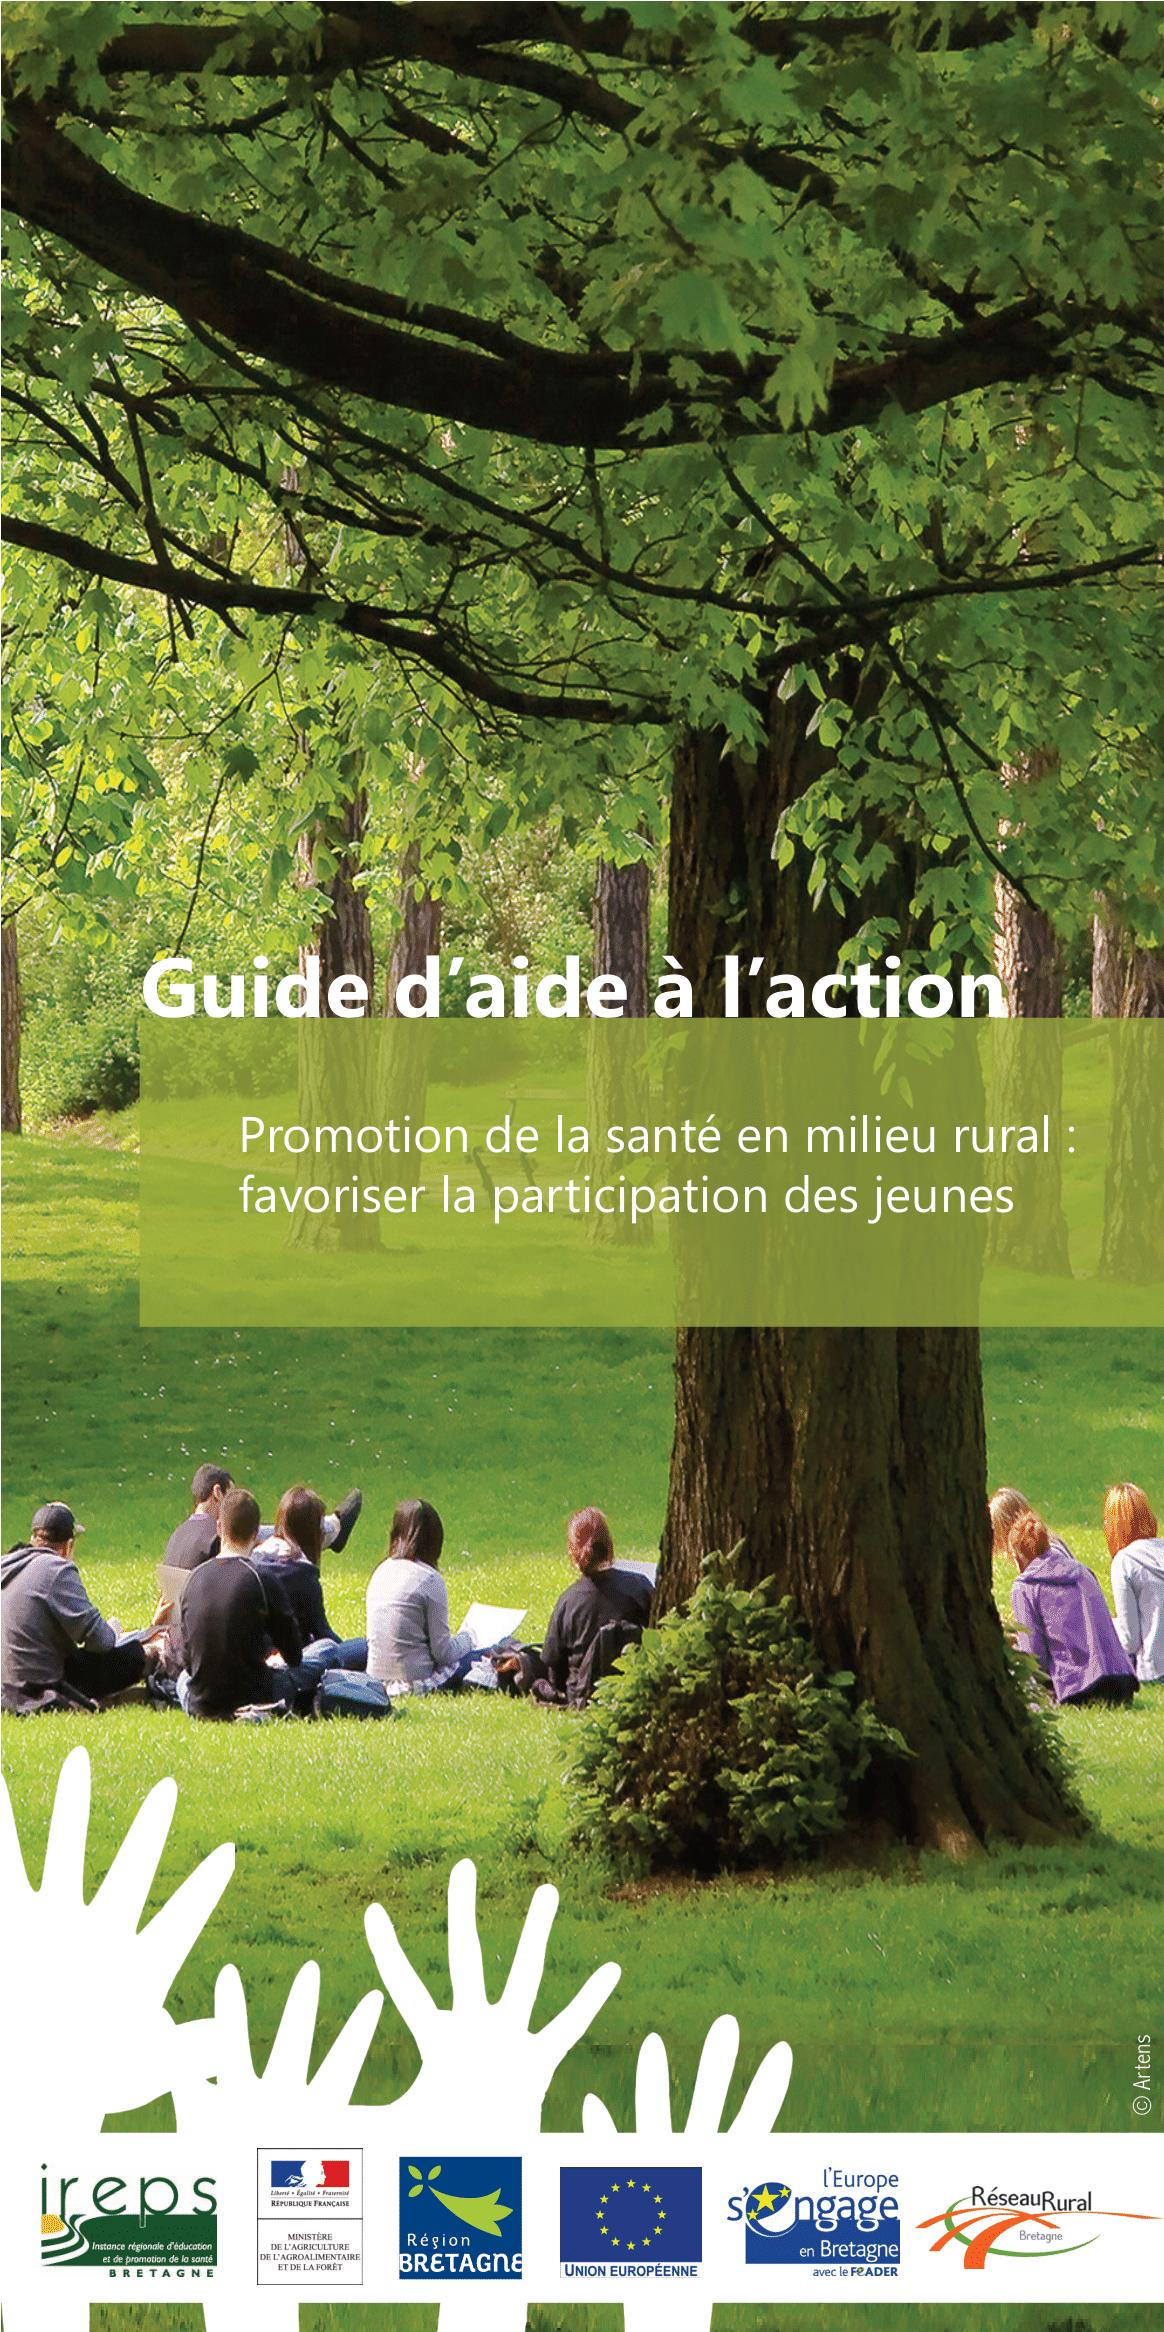 Promotion de la santé en milieu rural : favoriser la participation des jeunes